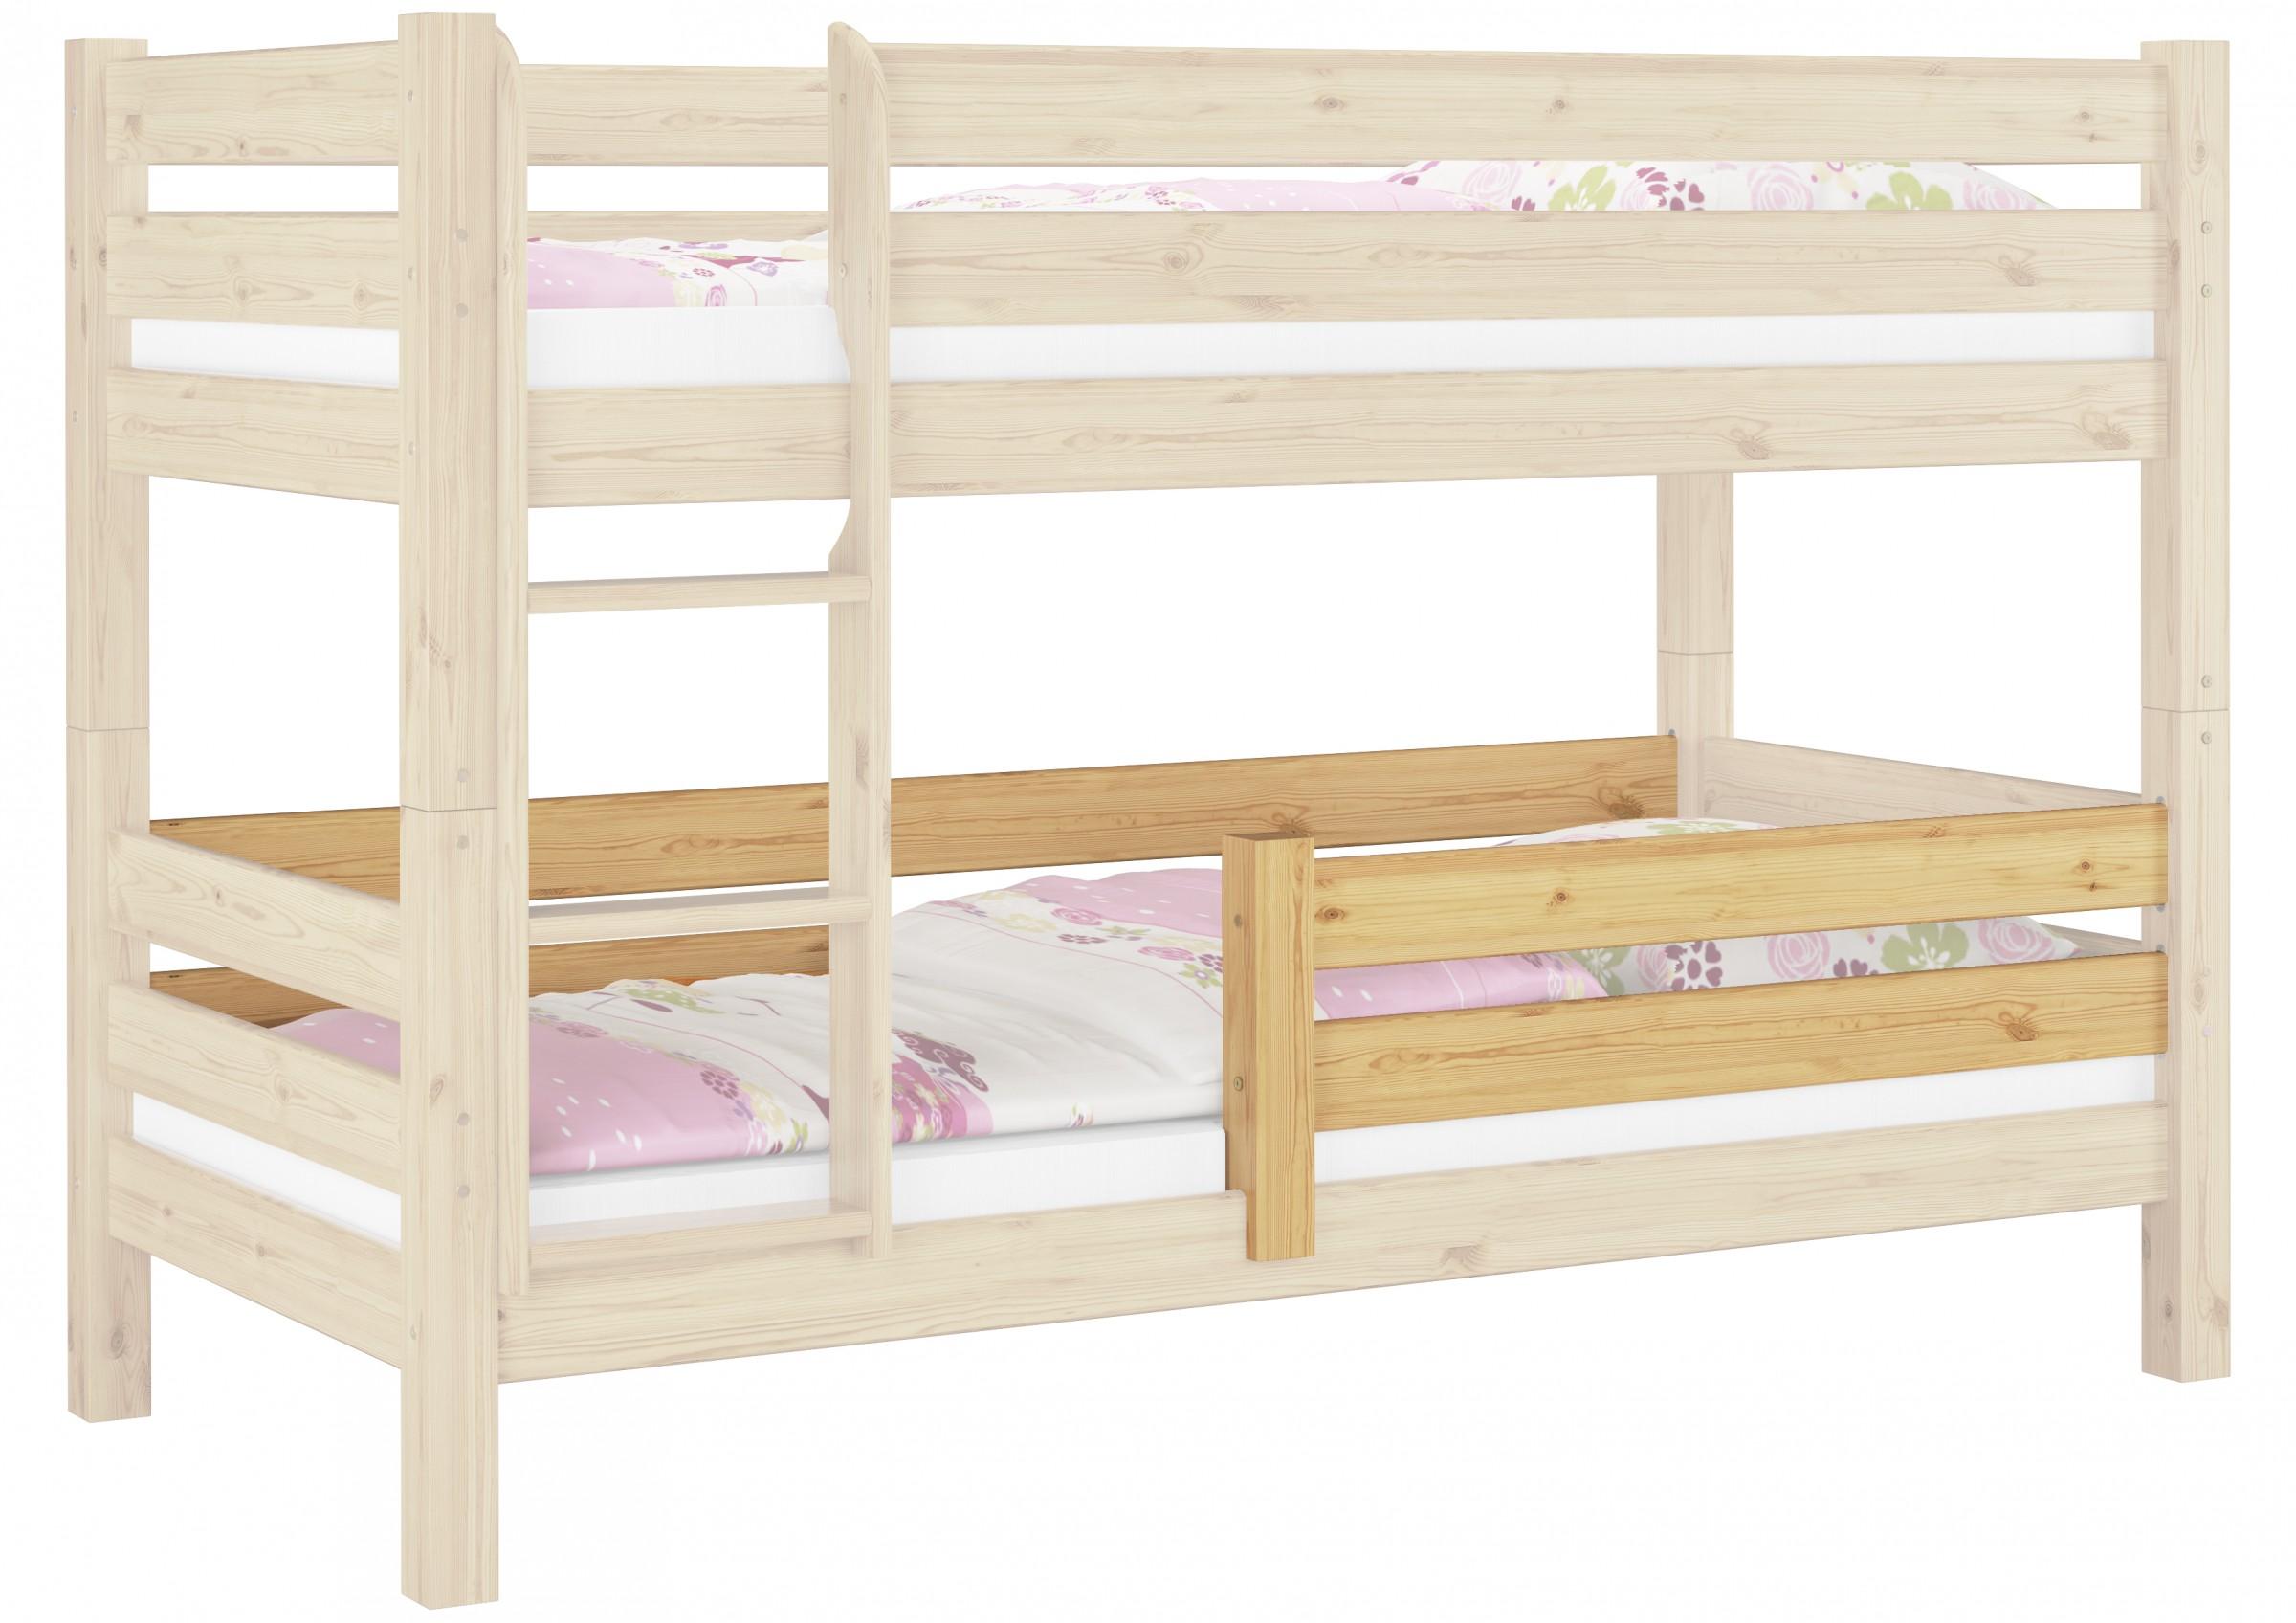 s curit enfants lit b b lits superpos s mod le 11 15 de dessous lit kisi 11 15 ebay. Black Bedroom Furniture Sets. Home Design Ideas